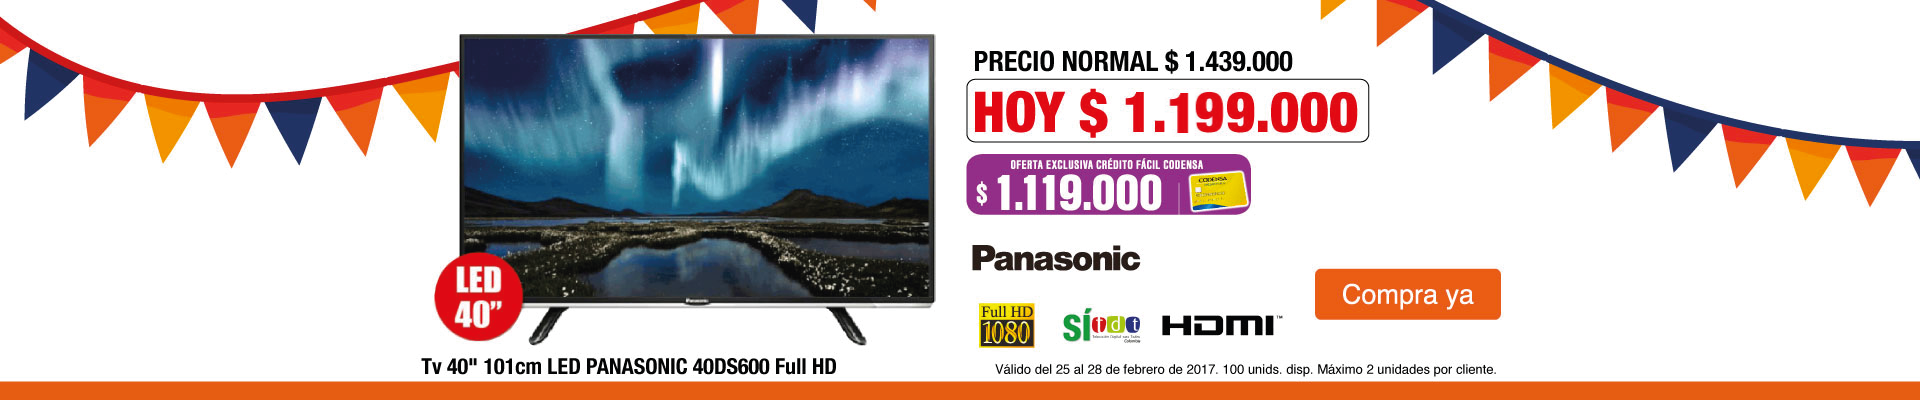 PPAL AK- TV PANA 40DS600 - FEB 25